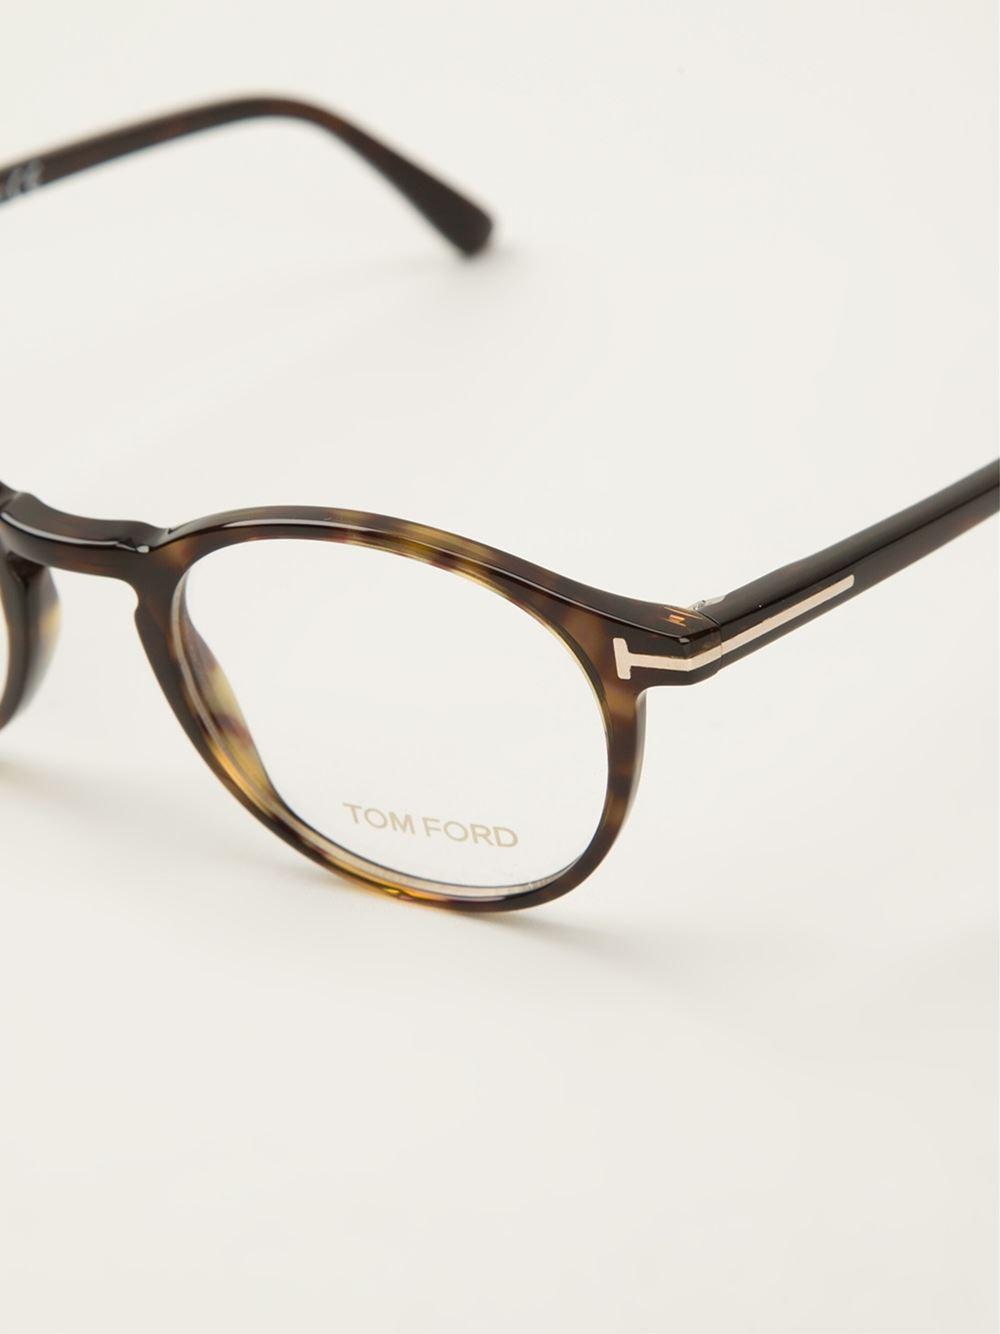 Tom Ford Tortoise S Sunglasses  tom ford tortoise s glasses in brown lyst